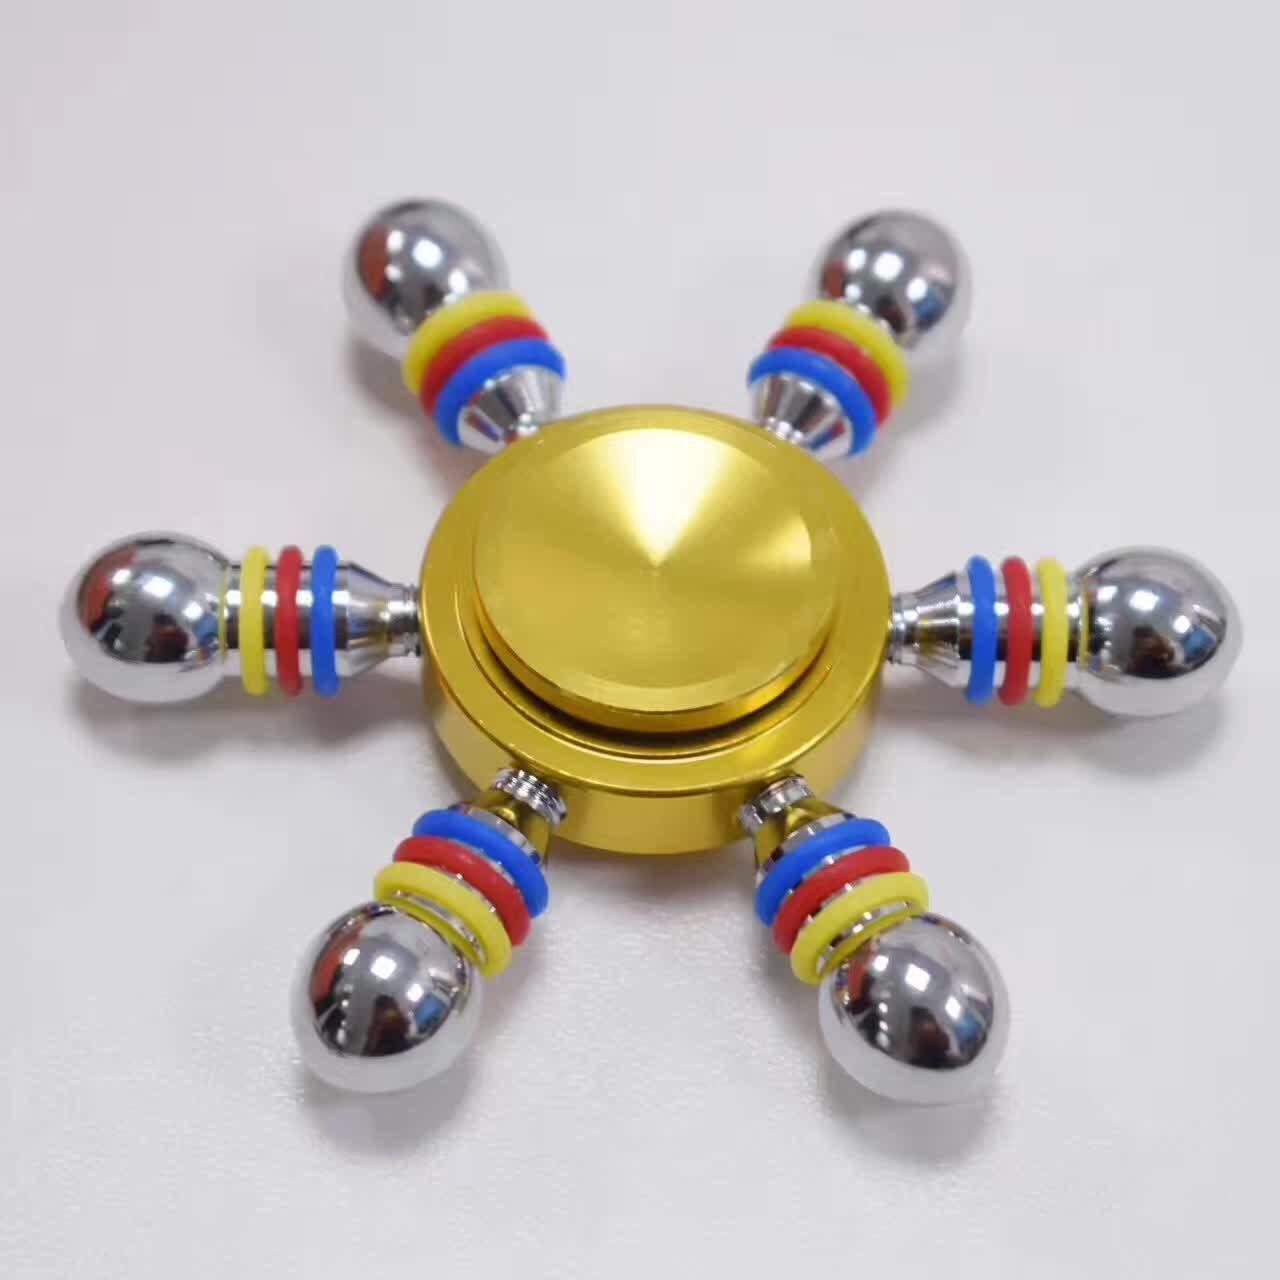 Шесть руку цвета: золотистый, серебристый EDC figet Spinner 3D фокус подшипник torqbar а ...